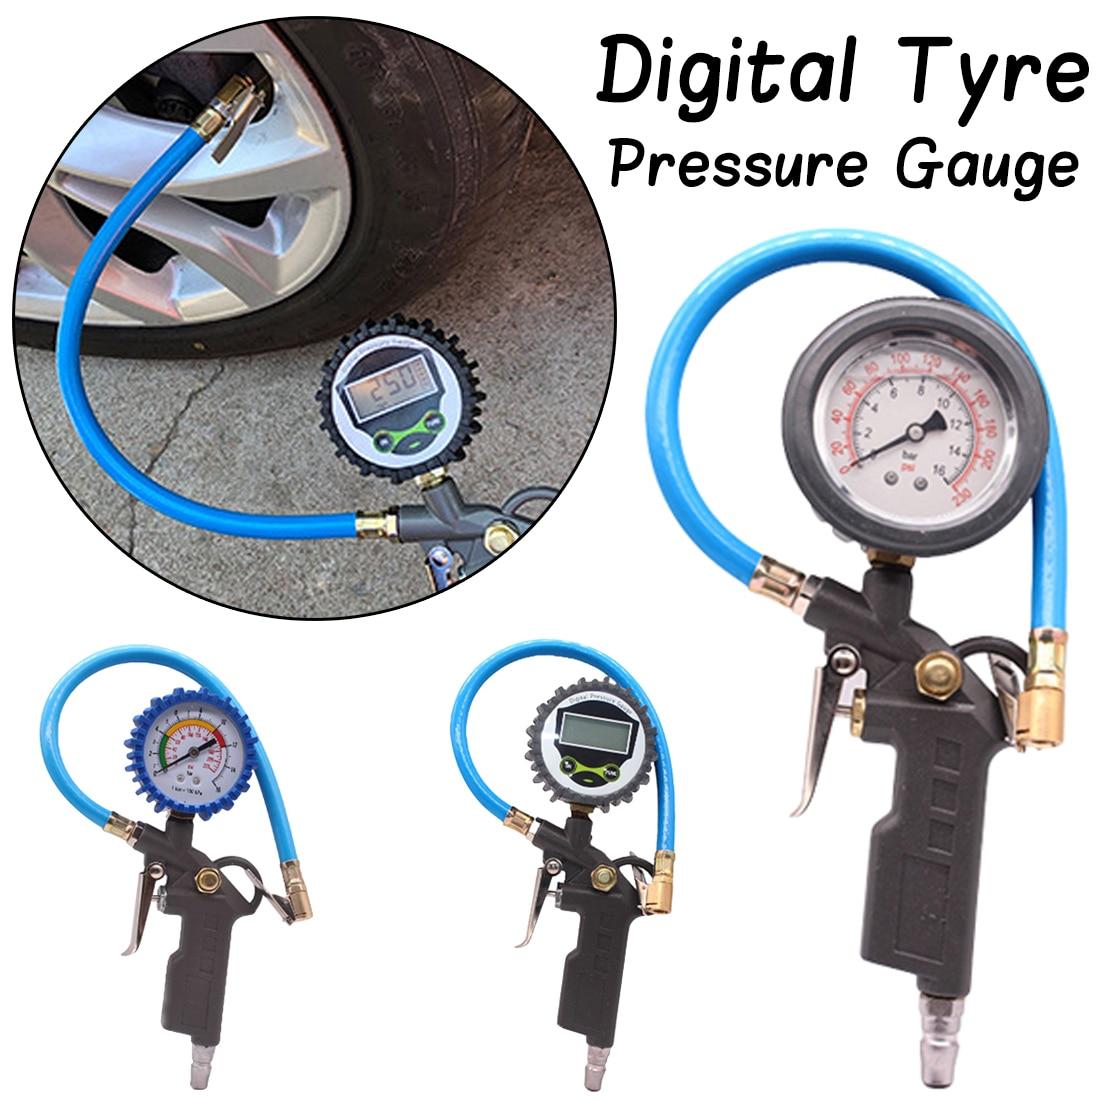 0-220PSI Car Tire Air Pressure Gauge Dial Meter Vehicle Inflation Gun Handle Grip Trigger Inflator For Car/ Auto Repair Tool